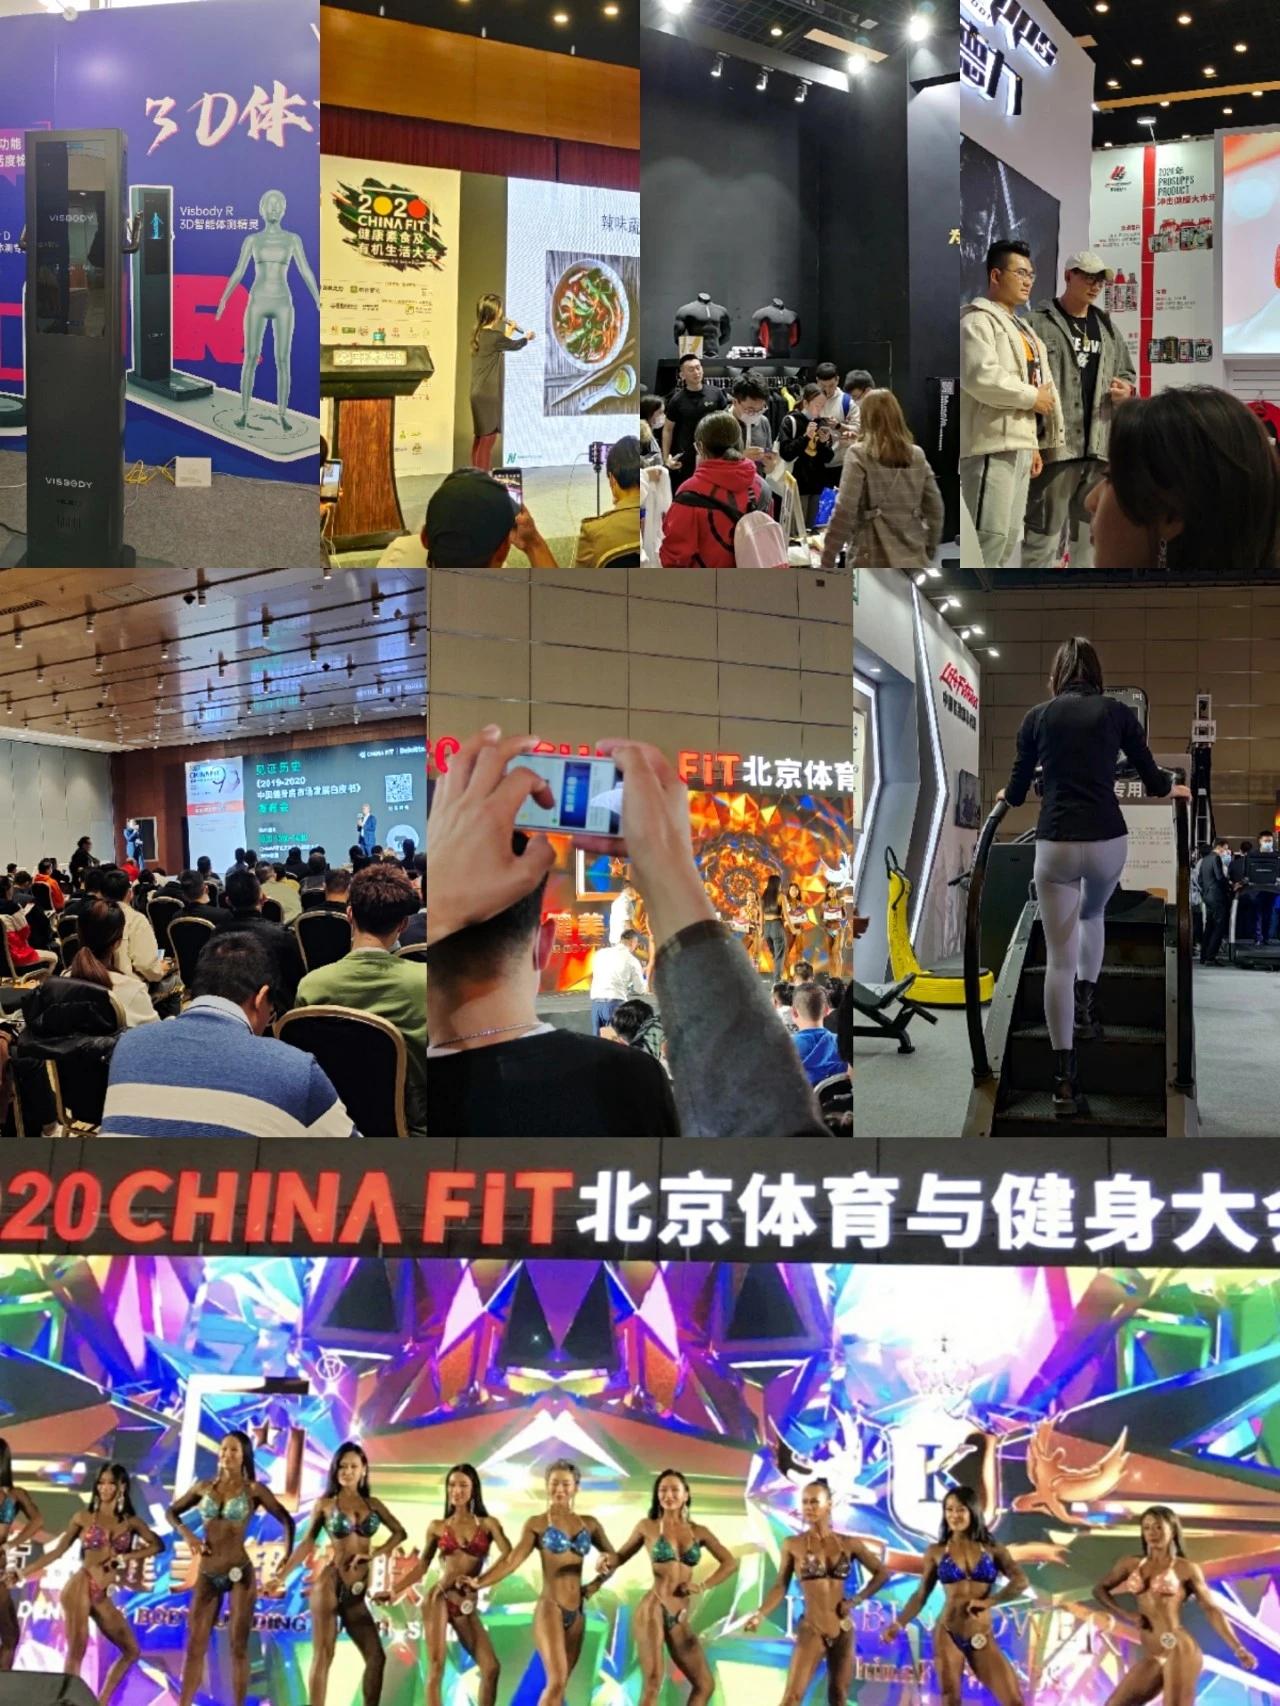 平衡波受邀China fit健身行业大会,共襄盛举,革新运动内涵!